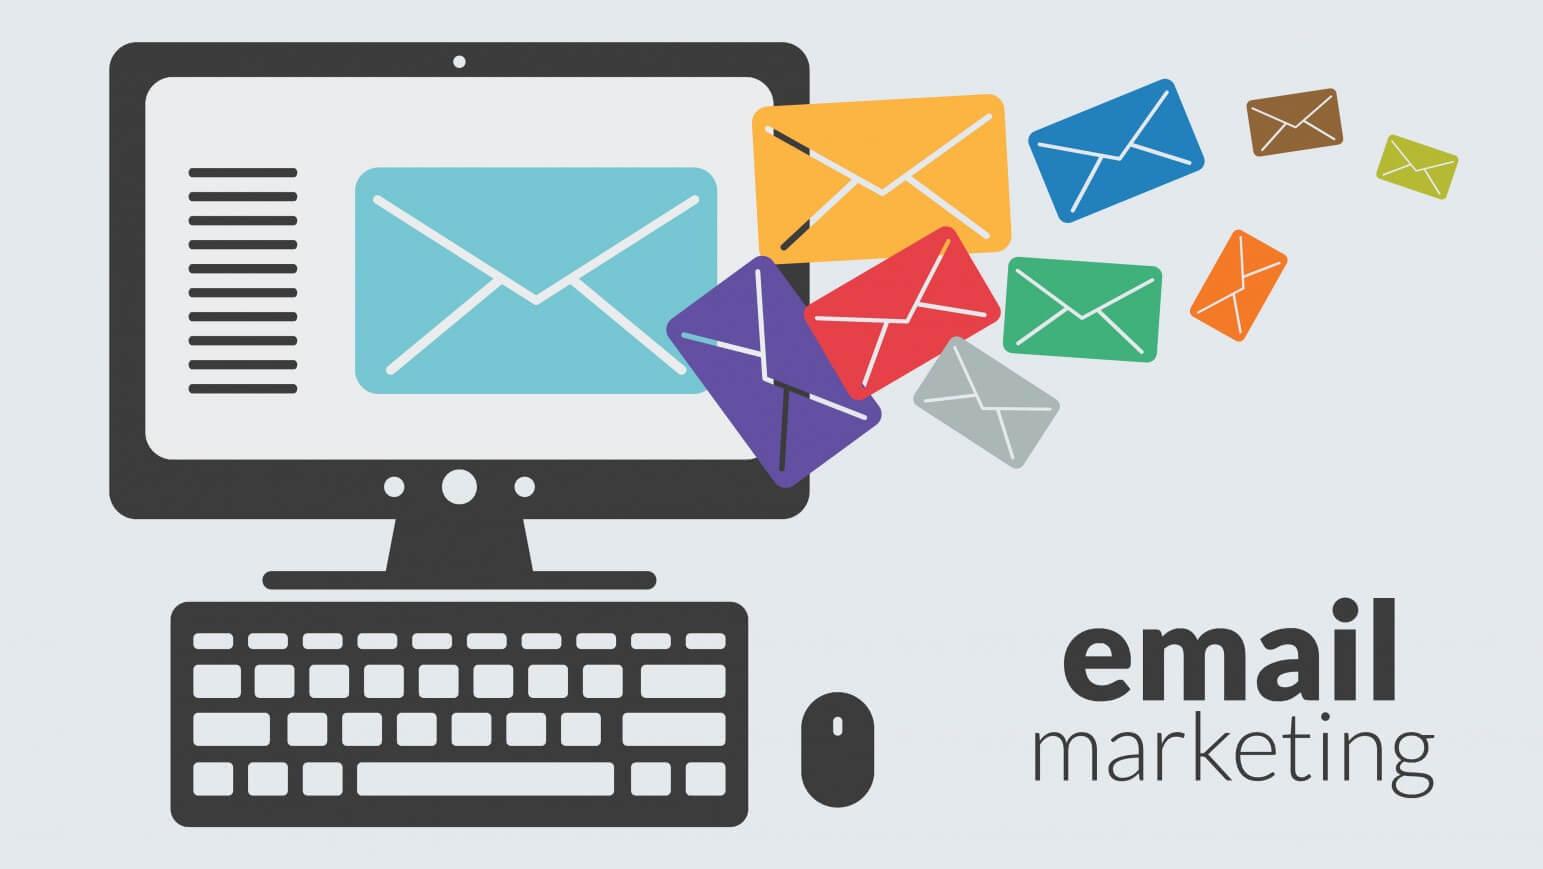 email la mot cong cu marketing dac luc